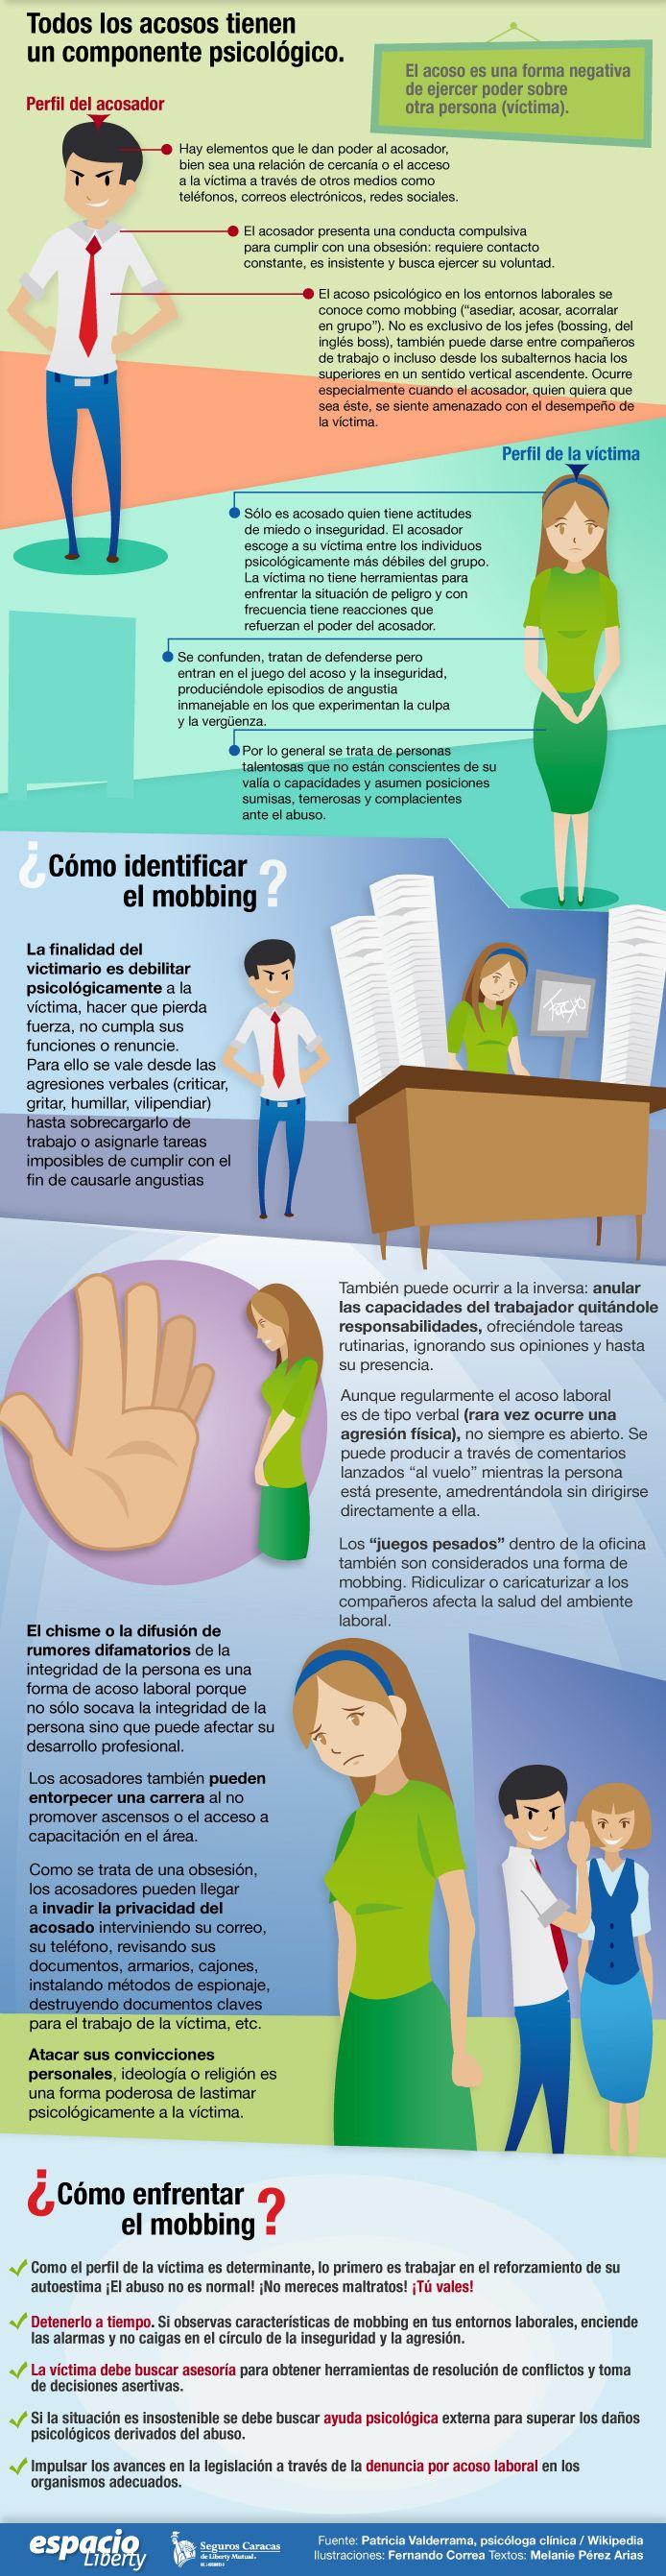 Acoso y mobbing en el trabajo #infografia